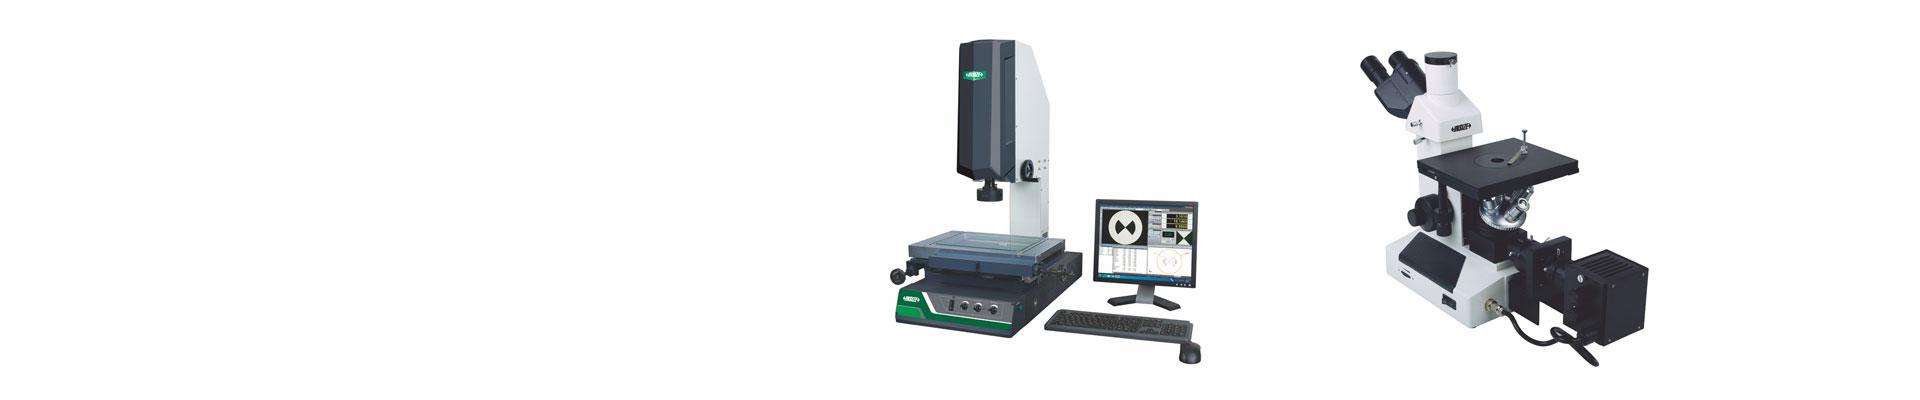 Mikroskope , Mikroskope für alle Anwendungen